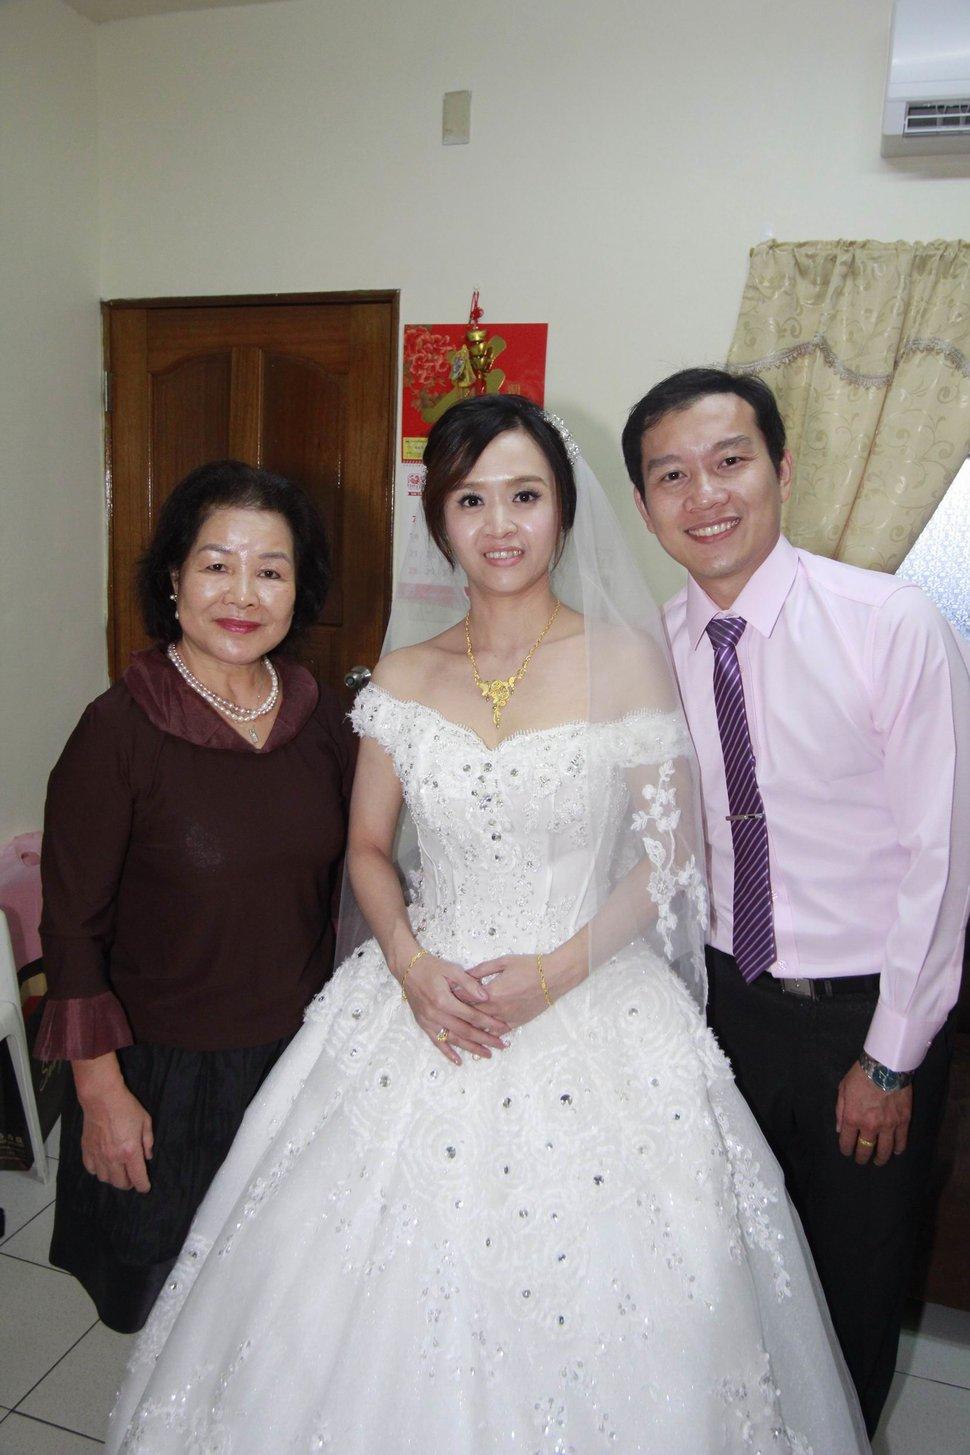 永和易牙居婚宴廣場宴會廳婚婚禮記錄結婚迎娶婚禮記錄動態微電影錄影專業錄影平面攝影婚攝婚禮(編號:213083) - 蜜月拍照10800錄影12800攝影團隊 - 結婚吧